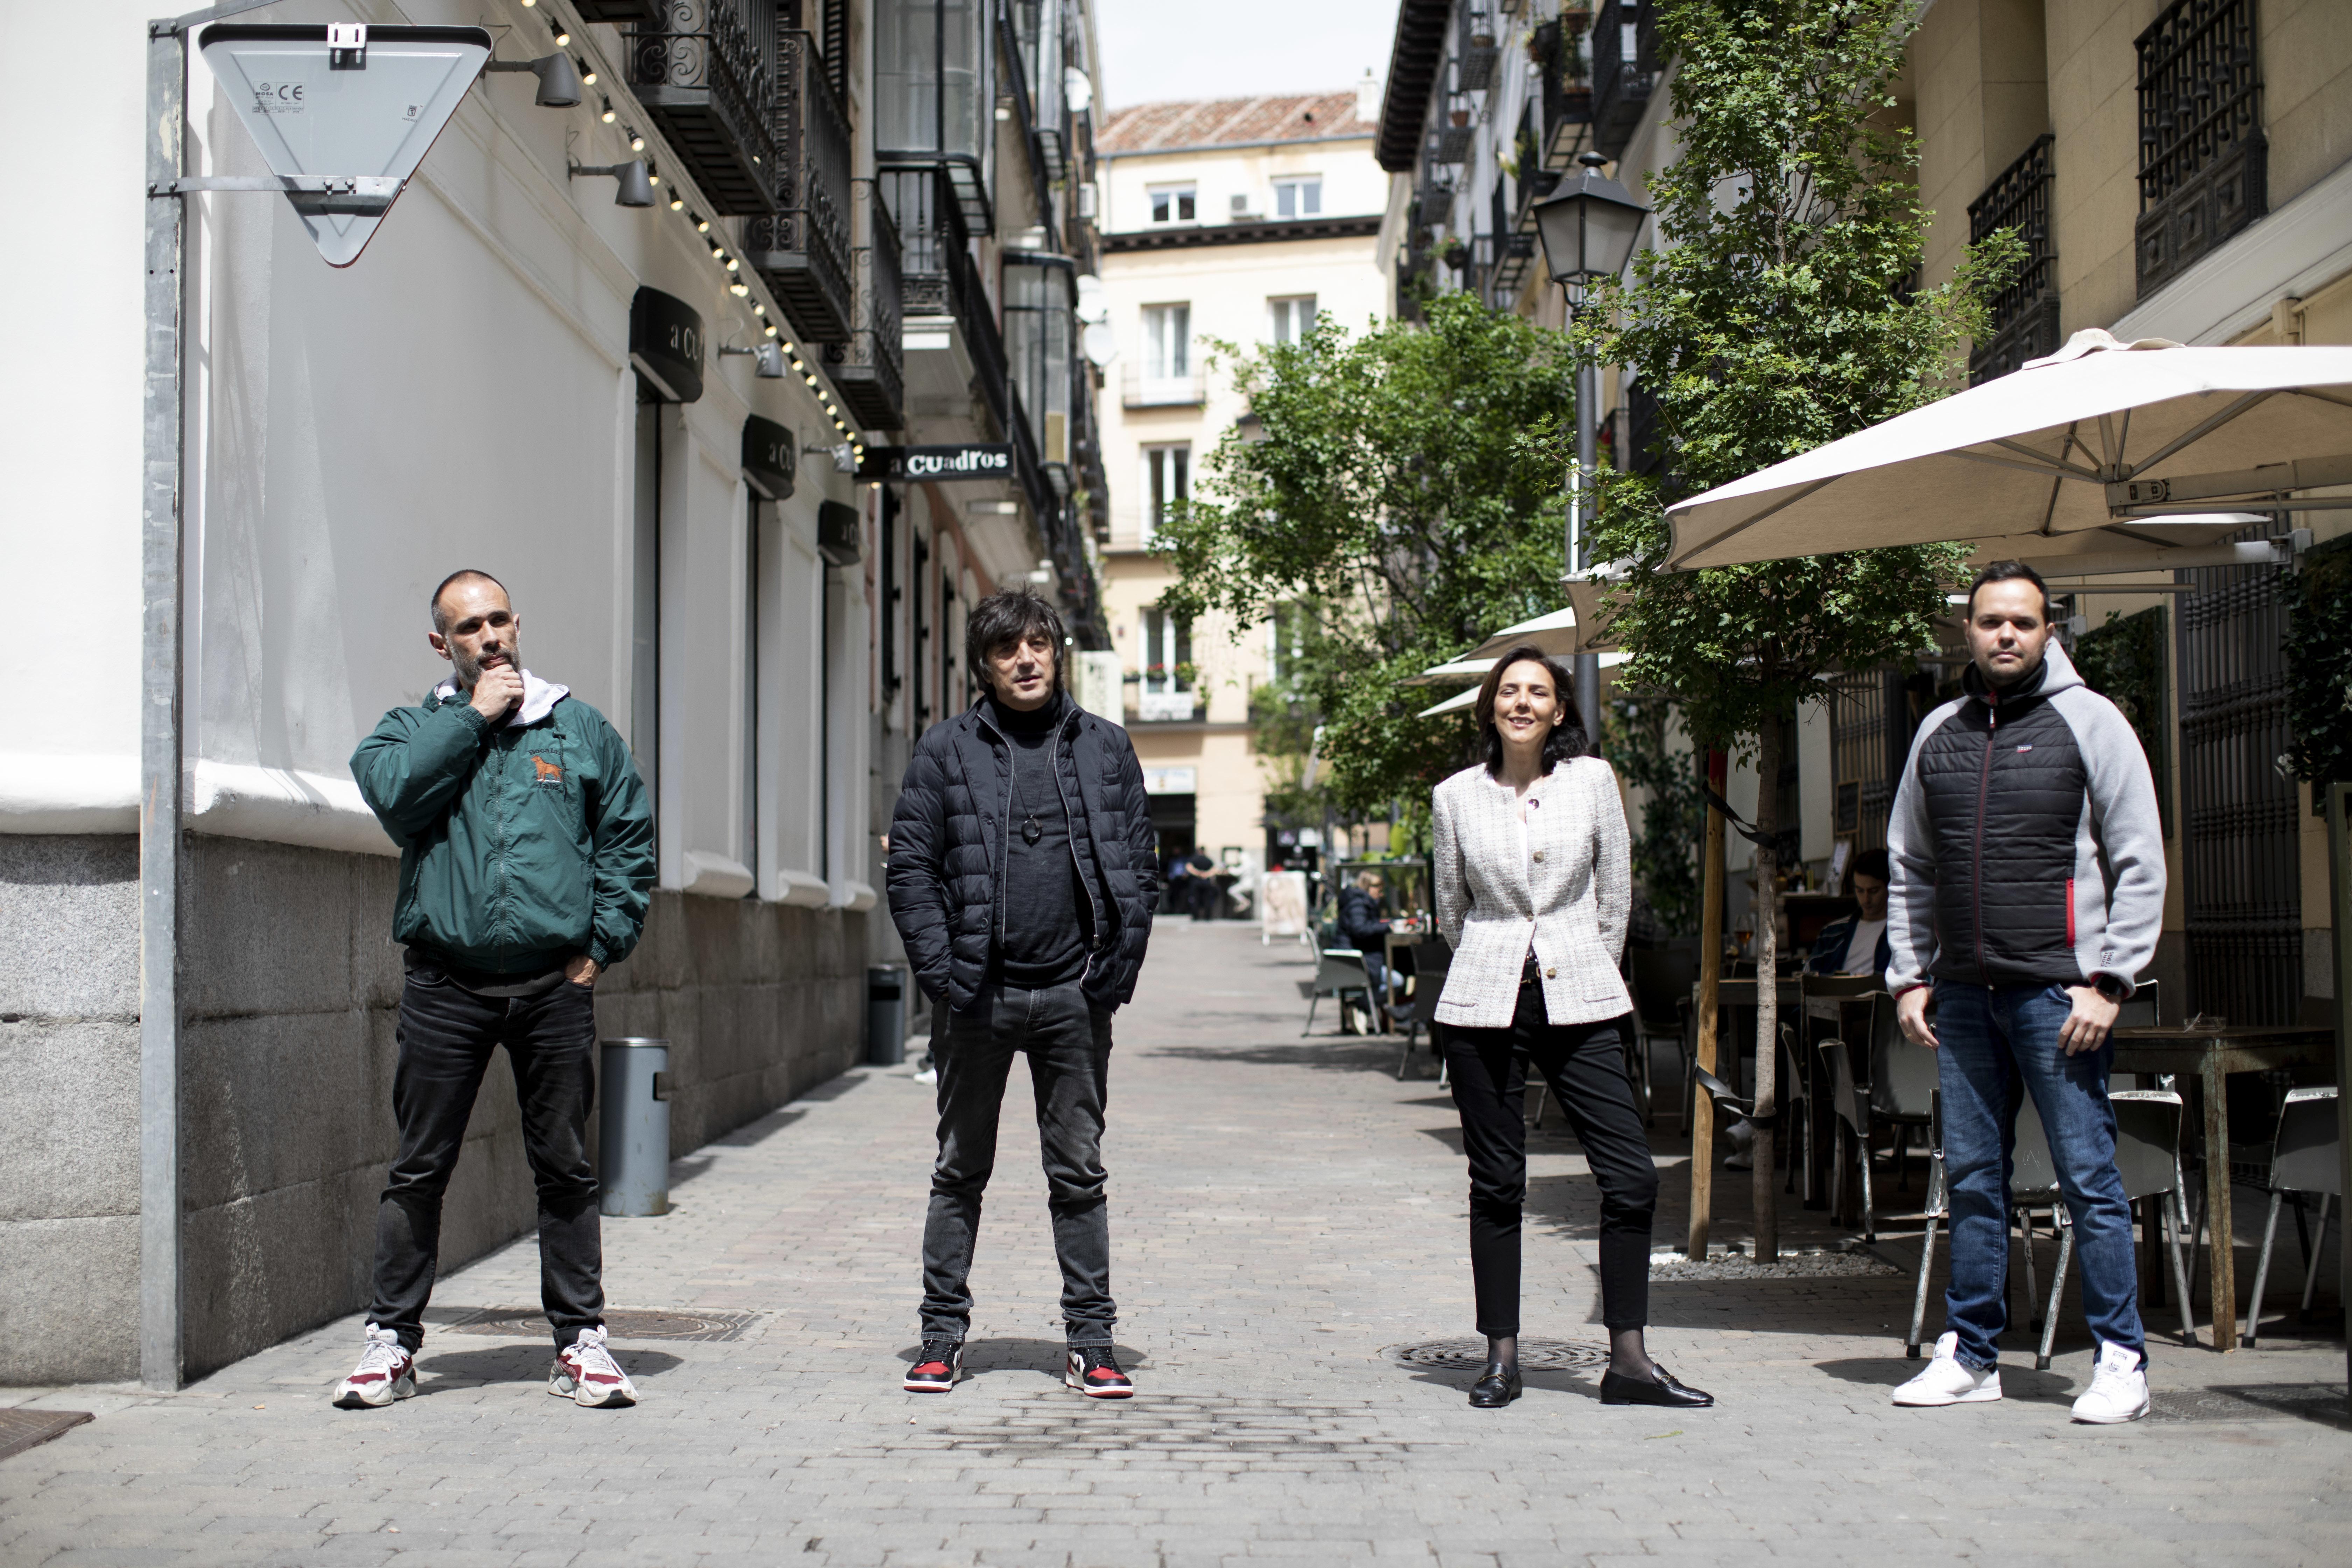 Teo Mariscal, Santi Carbones, Yolanda Tejero y Sergio Blanco, propietarios de locales